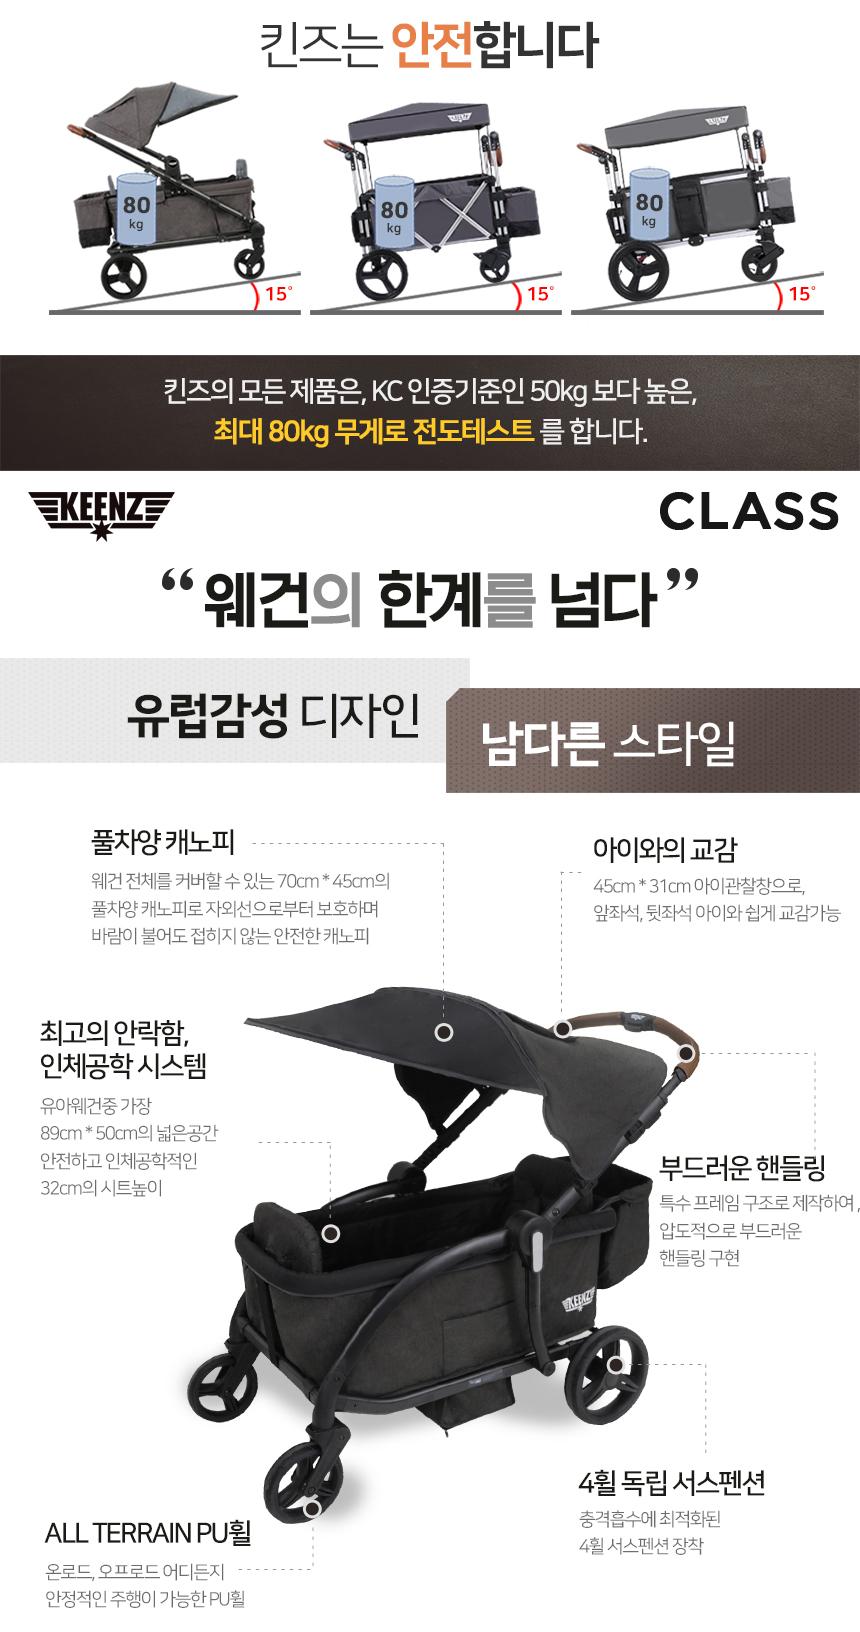 keenz-class_01.jpg